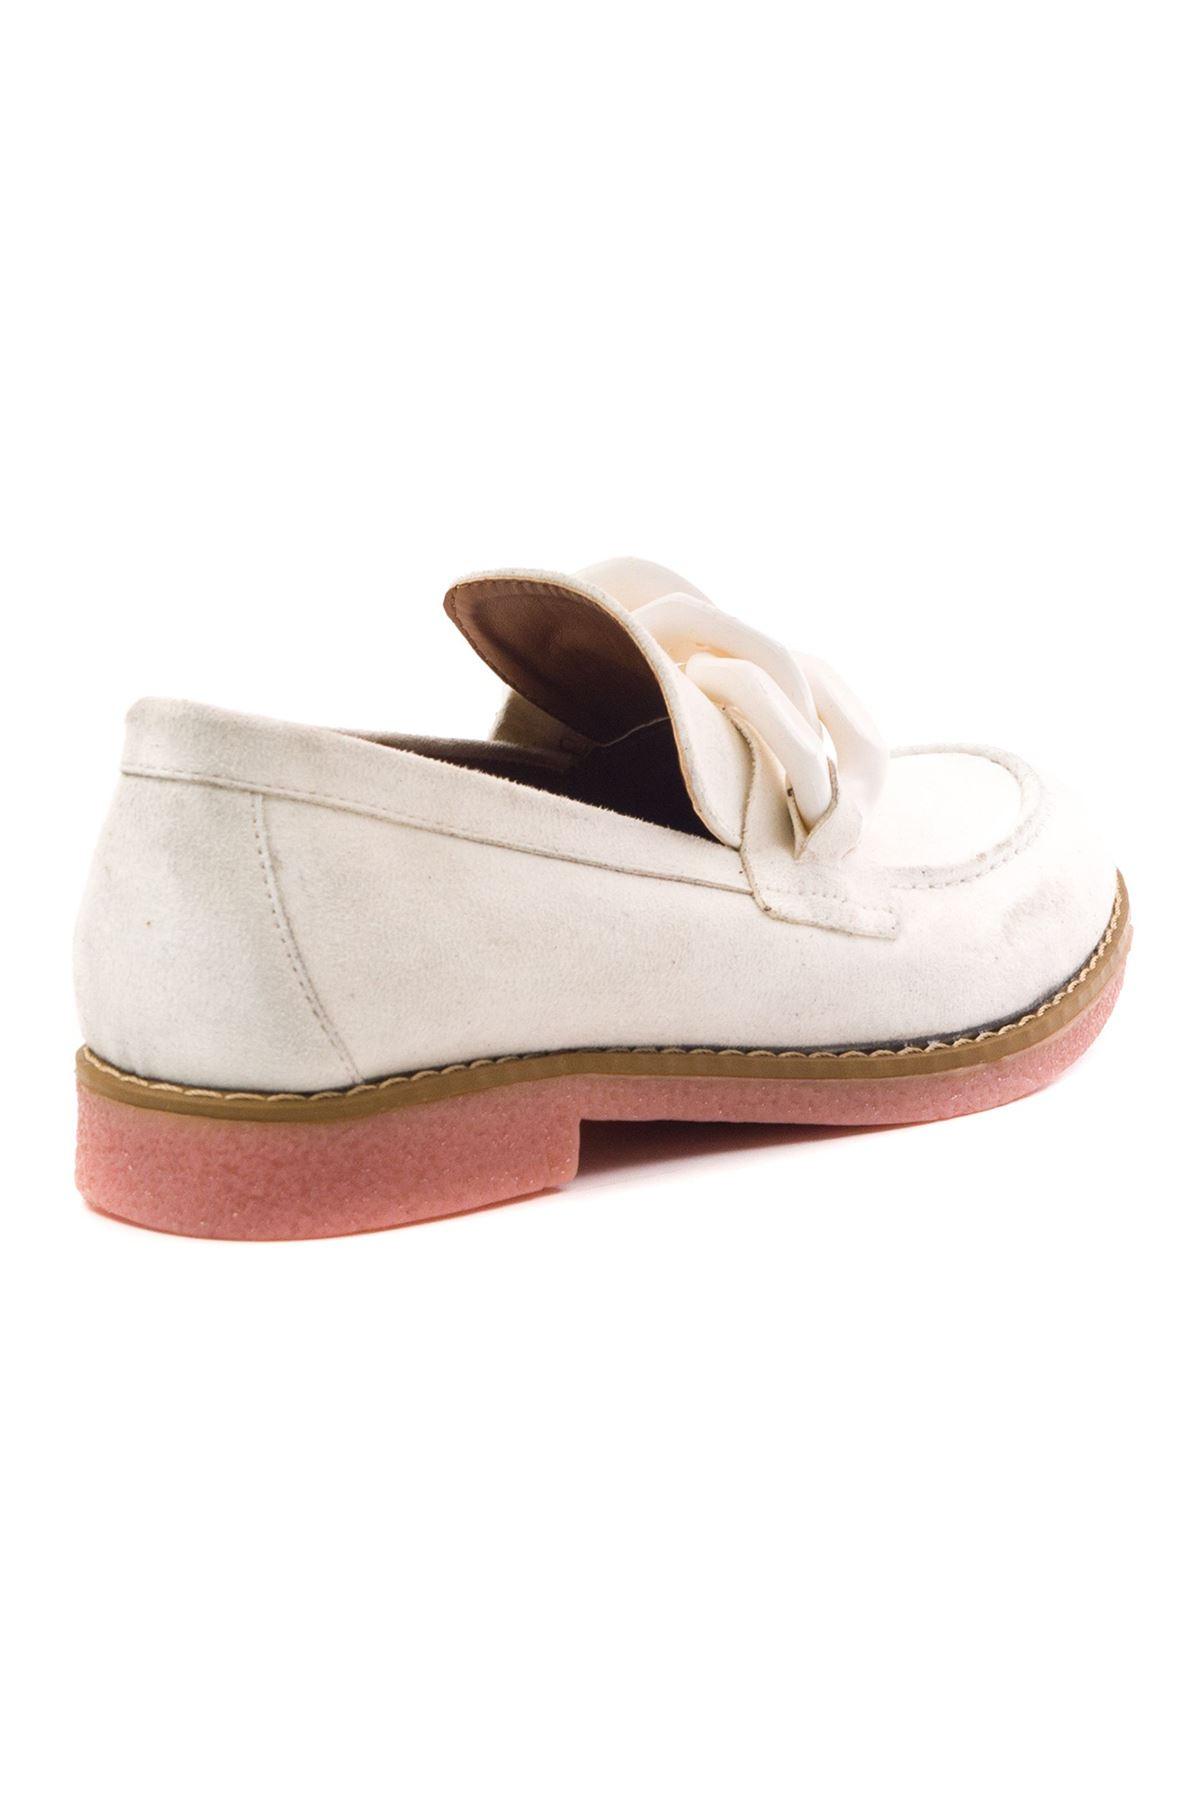 Violaces Kadın Ayakkabı Beyaz Süet Pudra Taban